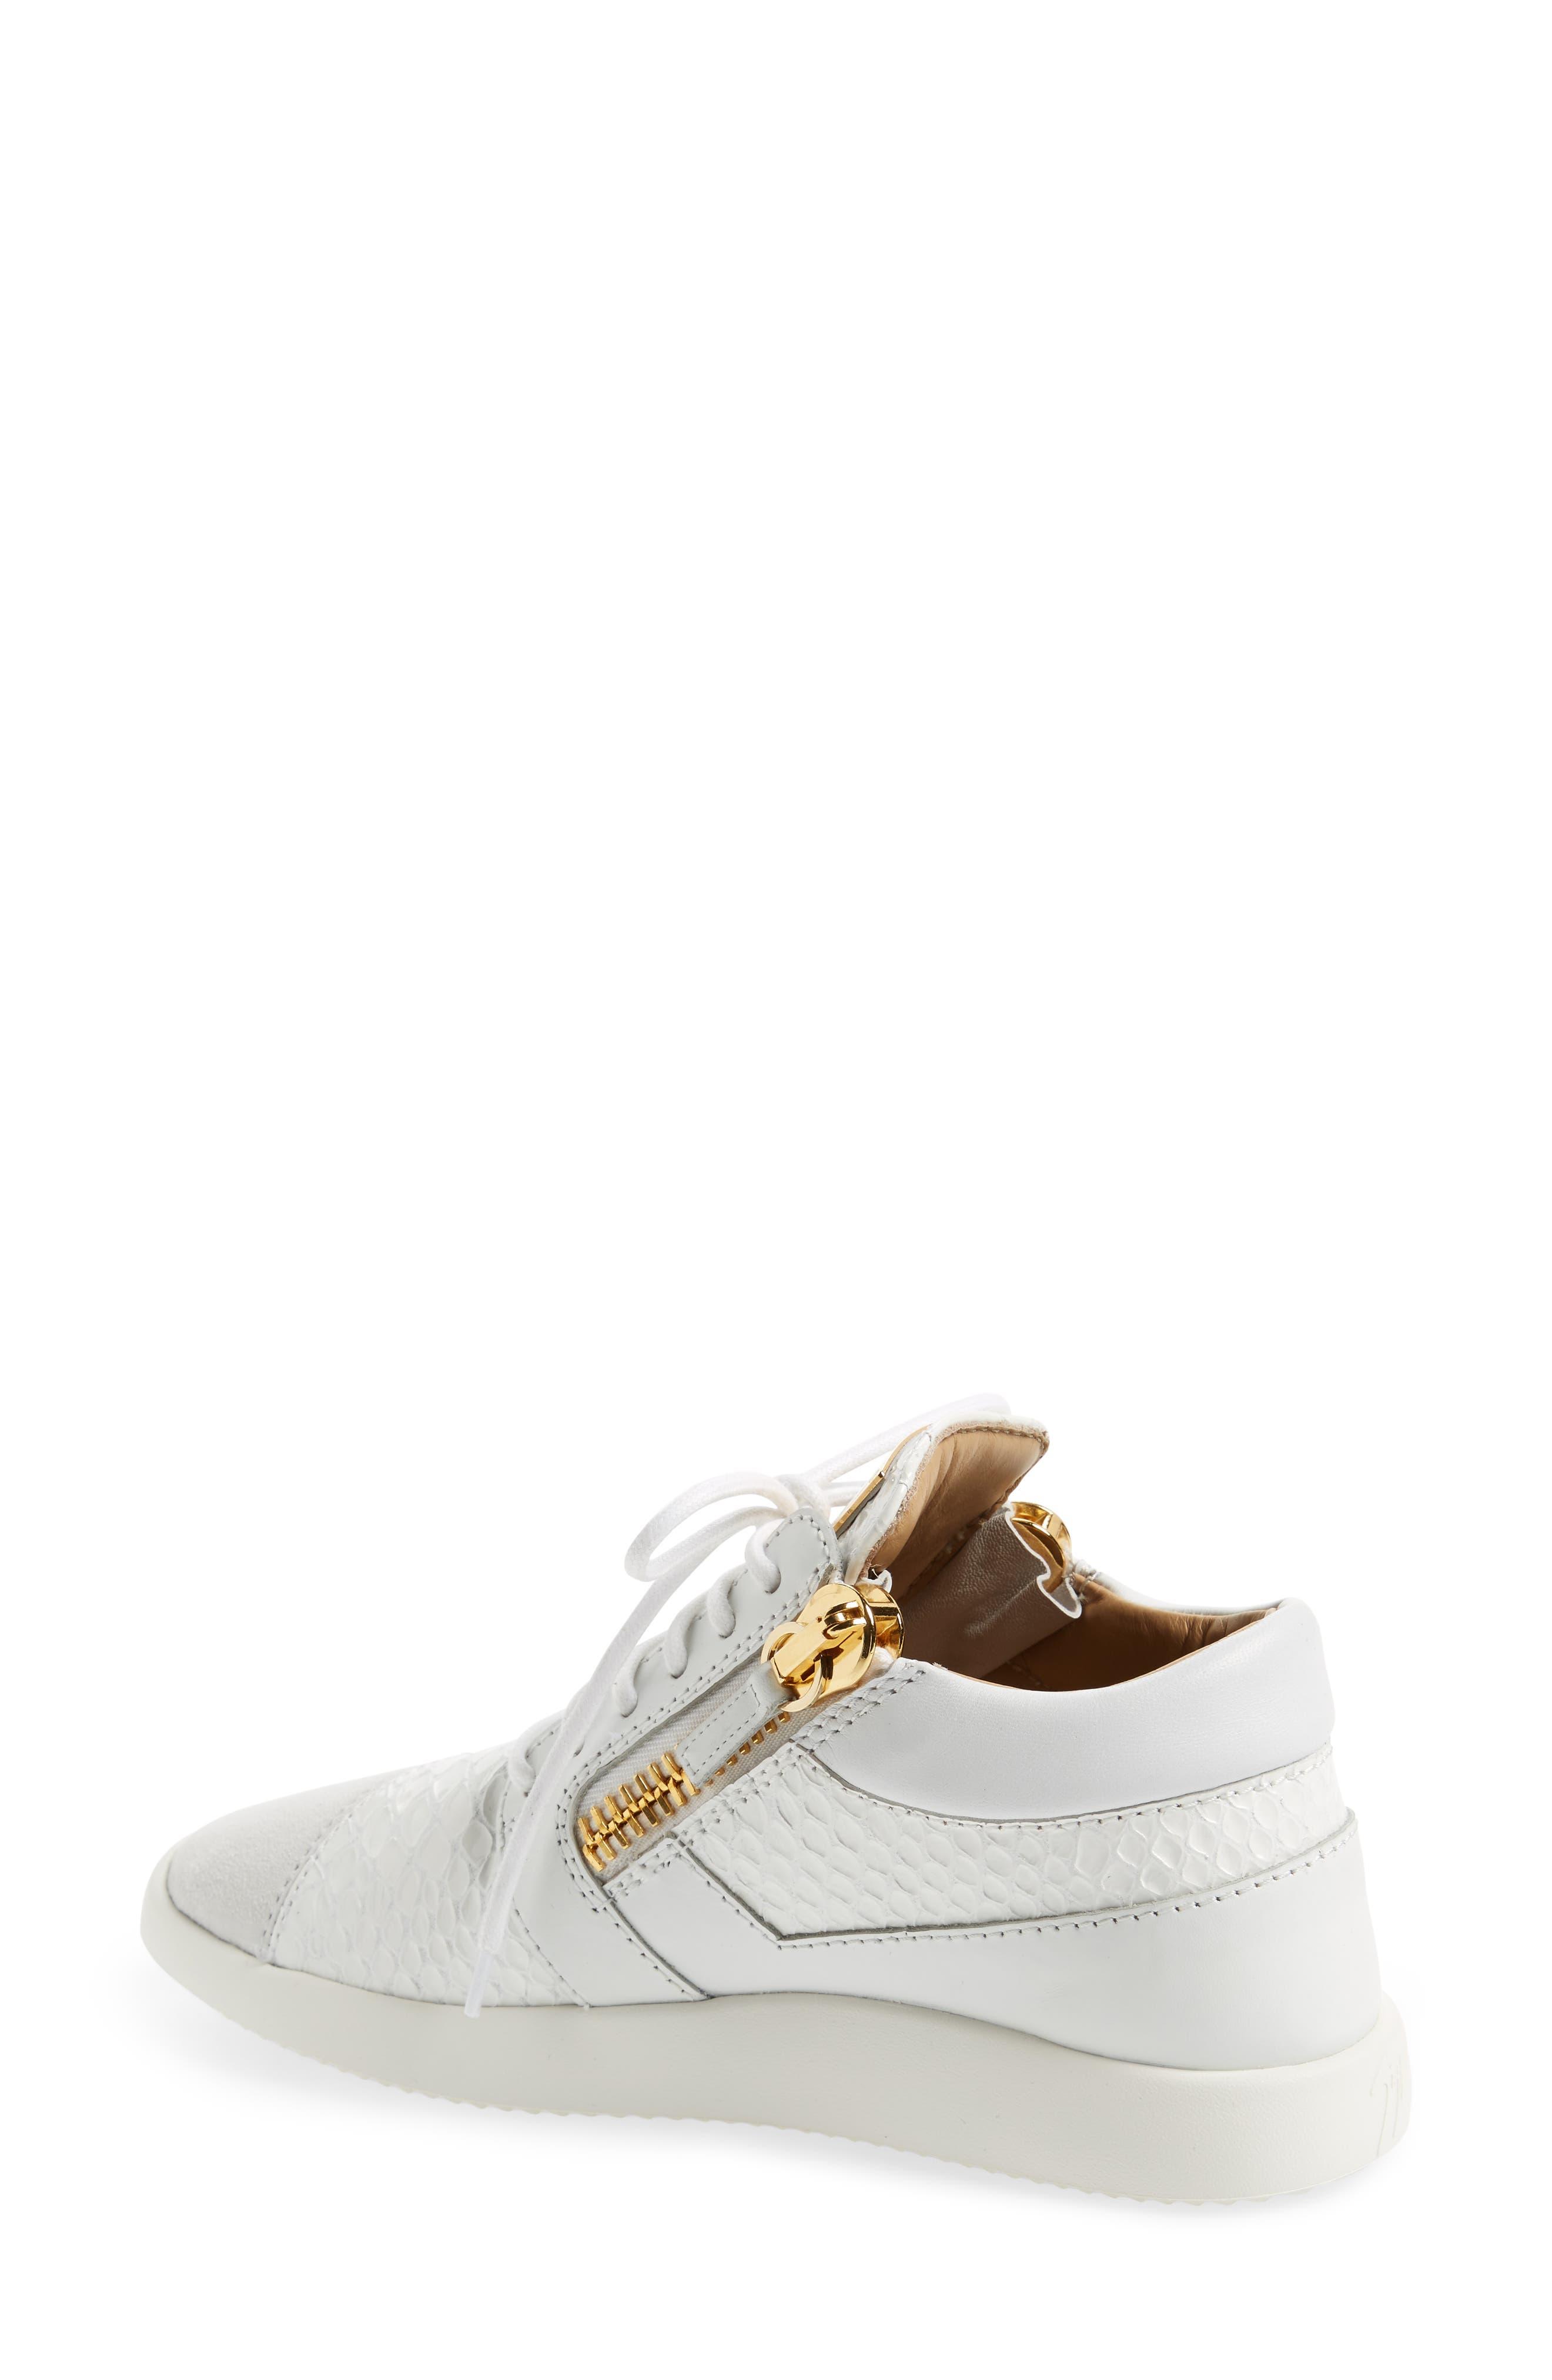 Alternate Image 2  - Giuseppe Zanotti Low Top Sneaker (Women)